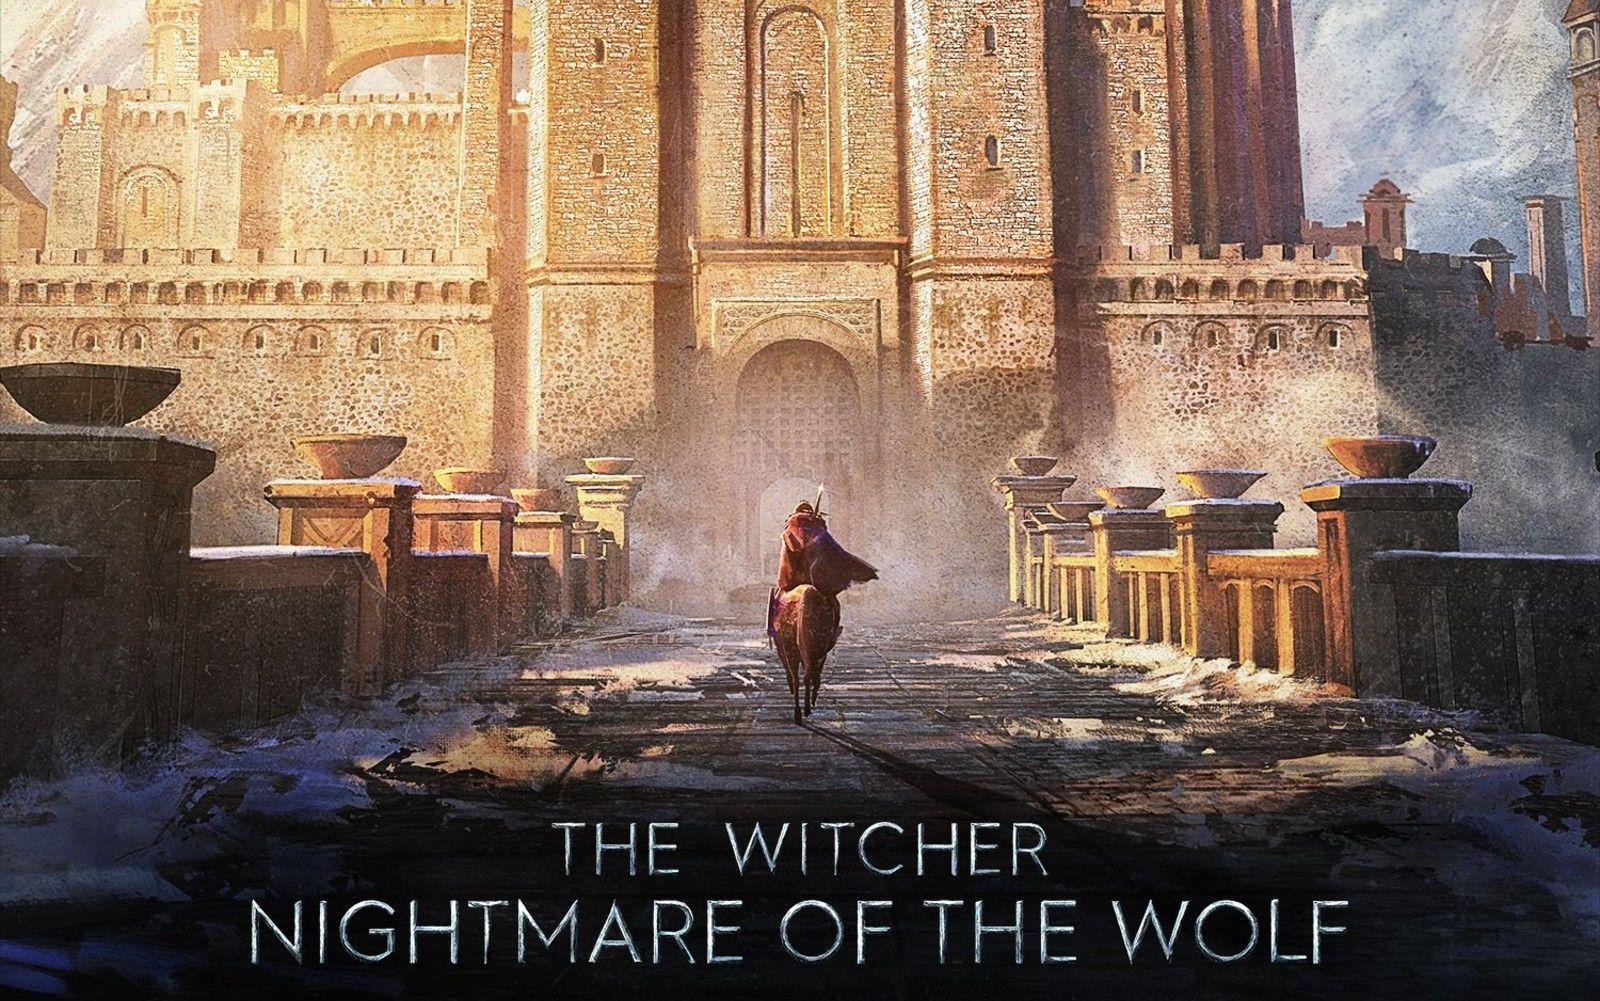 The Witcher anime filmi fragmanı ve çıkış tarihi yayımlandı